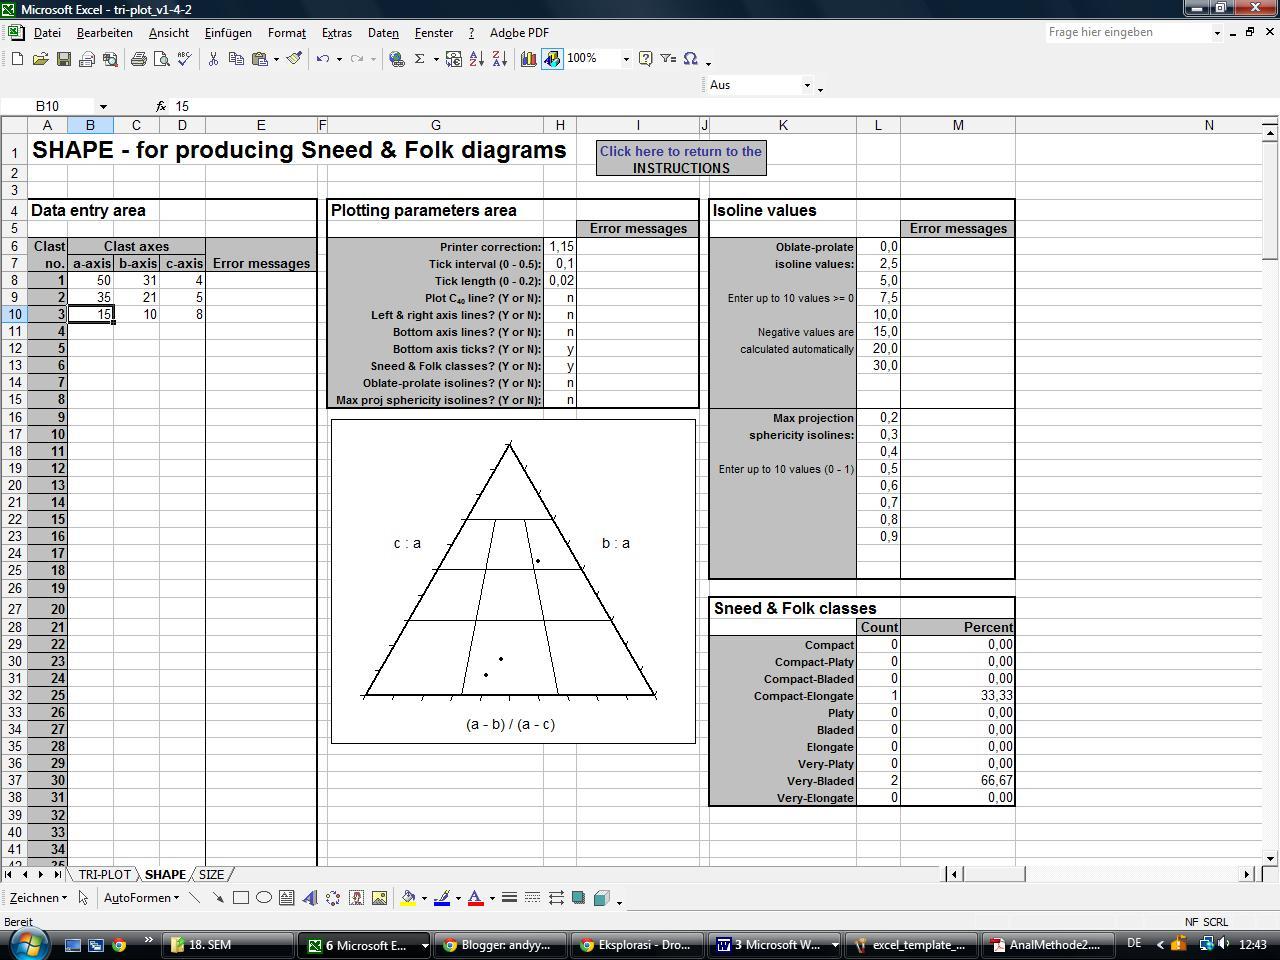 Menentukan rumus kimia mineral dan mengeplot ke diagram ternary link 3 tri plot excel saya menggunakan link ini memungkinkan untuk memodifikasi ccuart Image collections